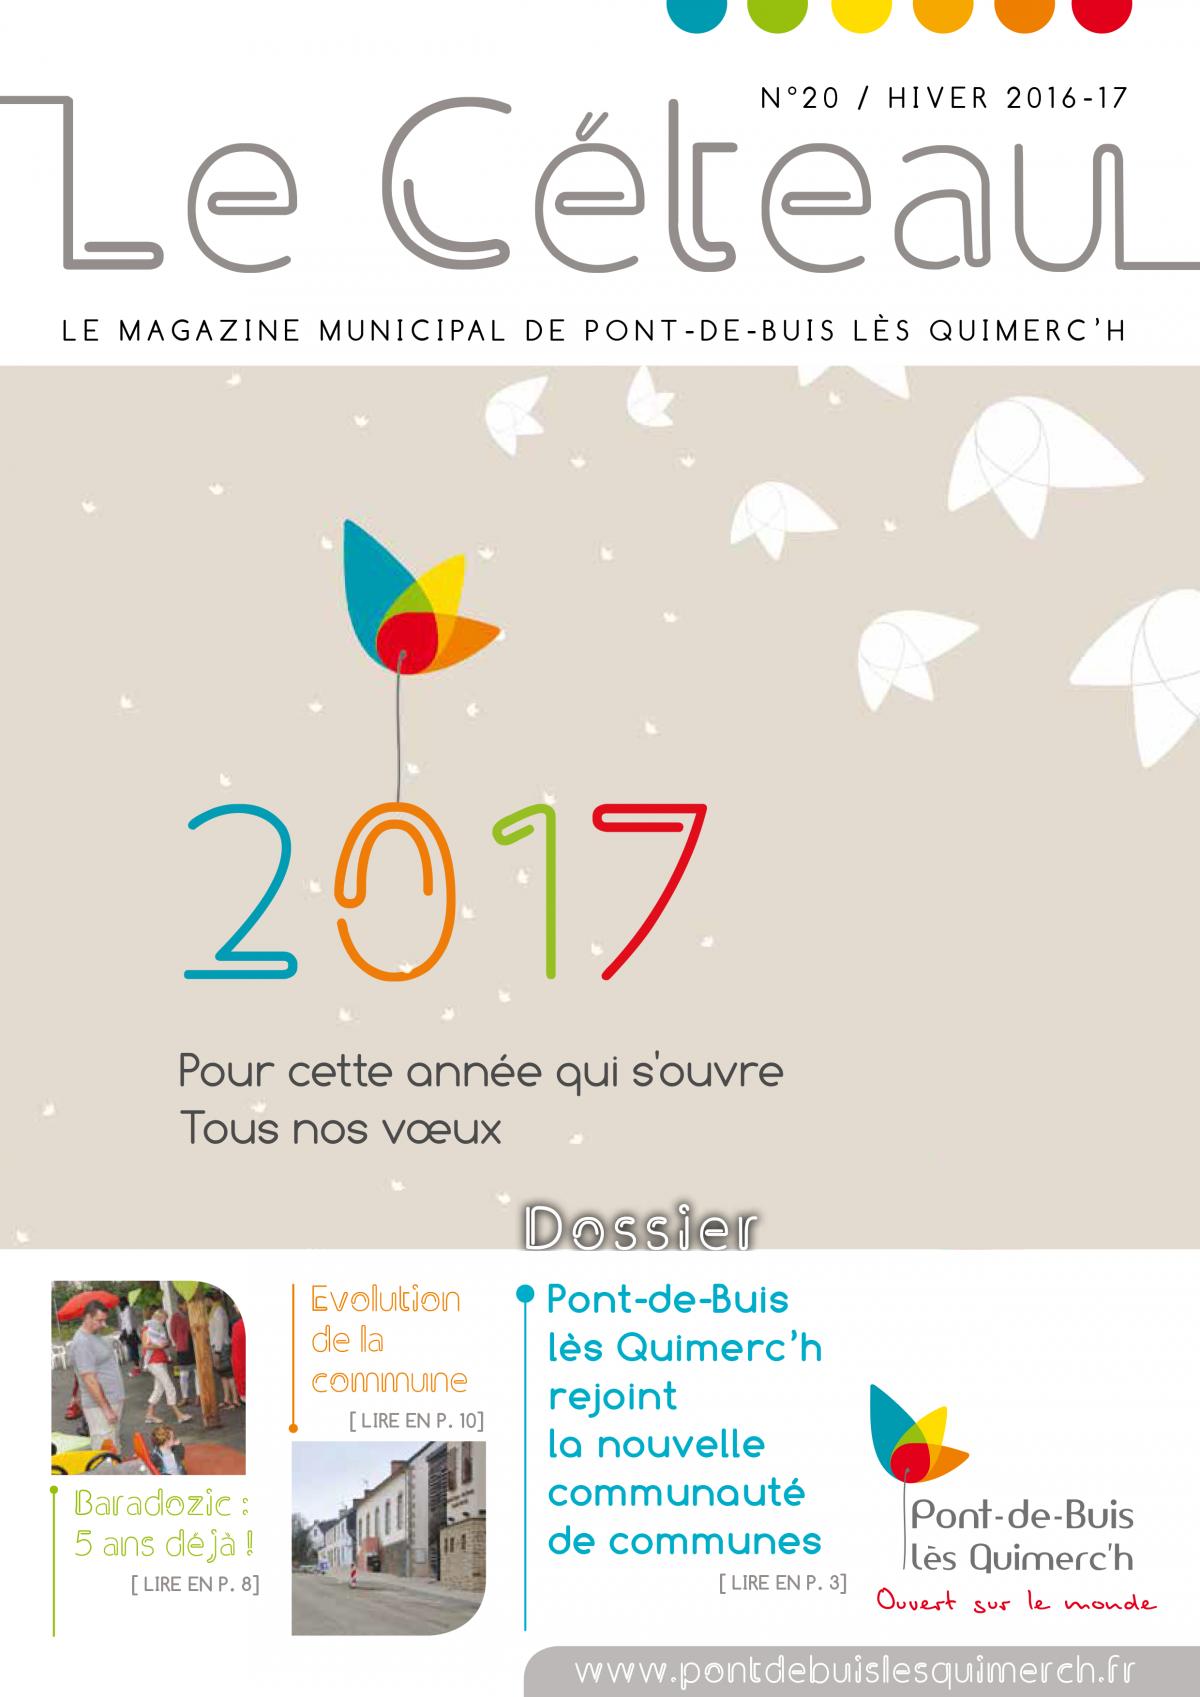 Céteau hiver 2016-2017